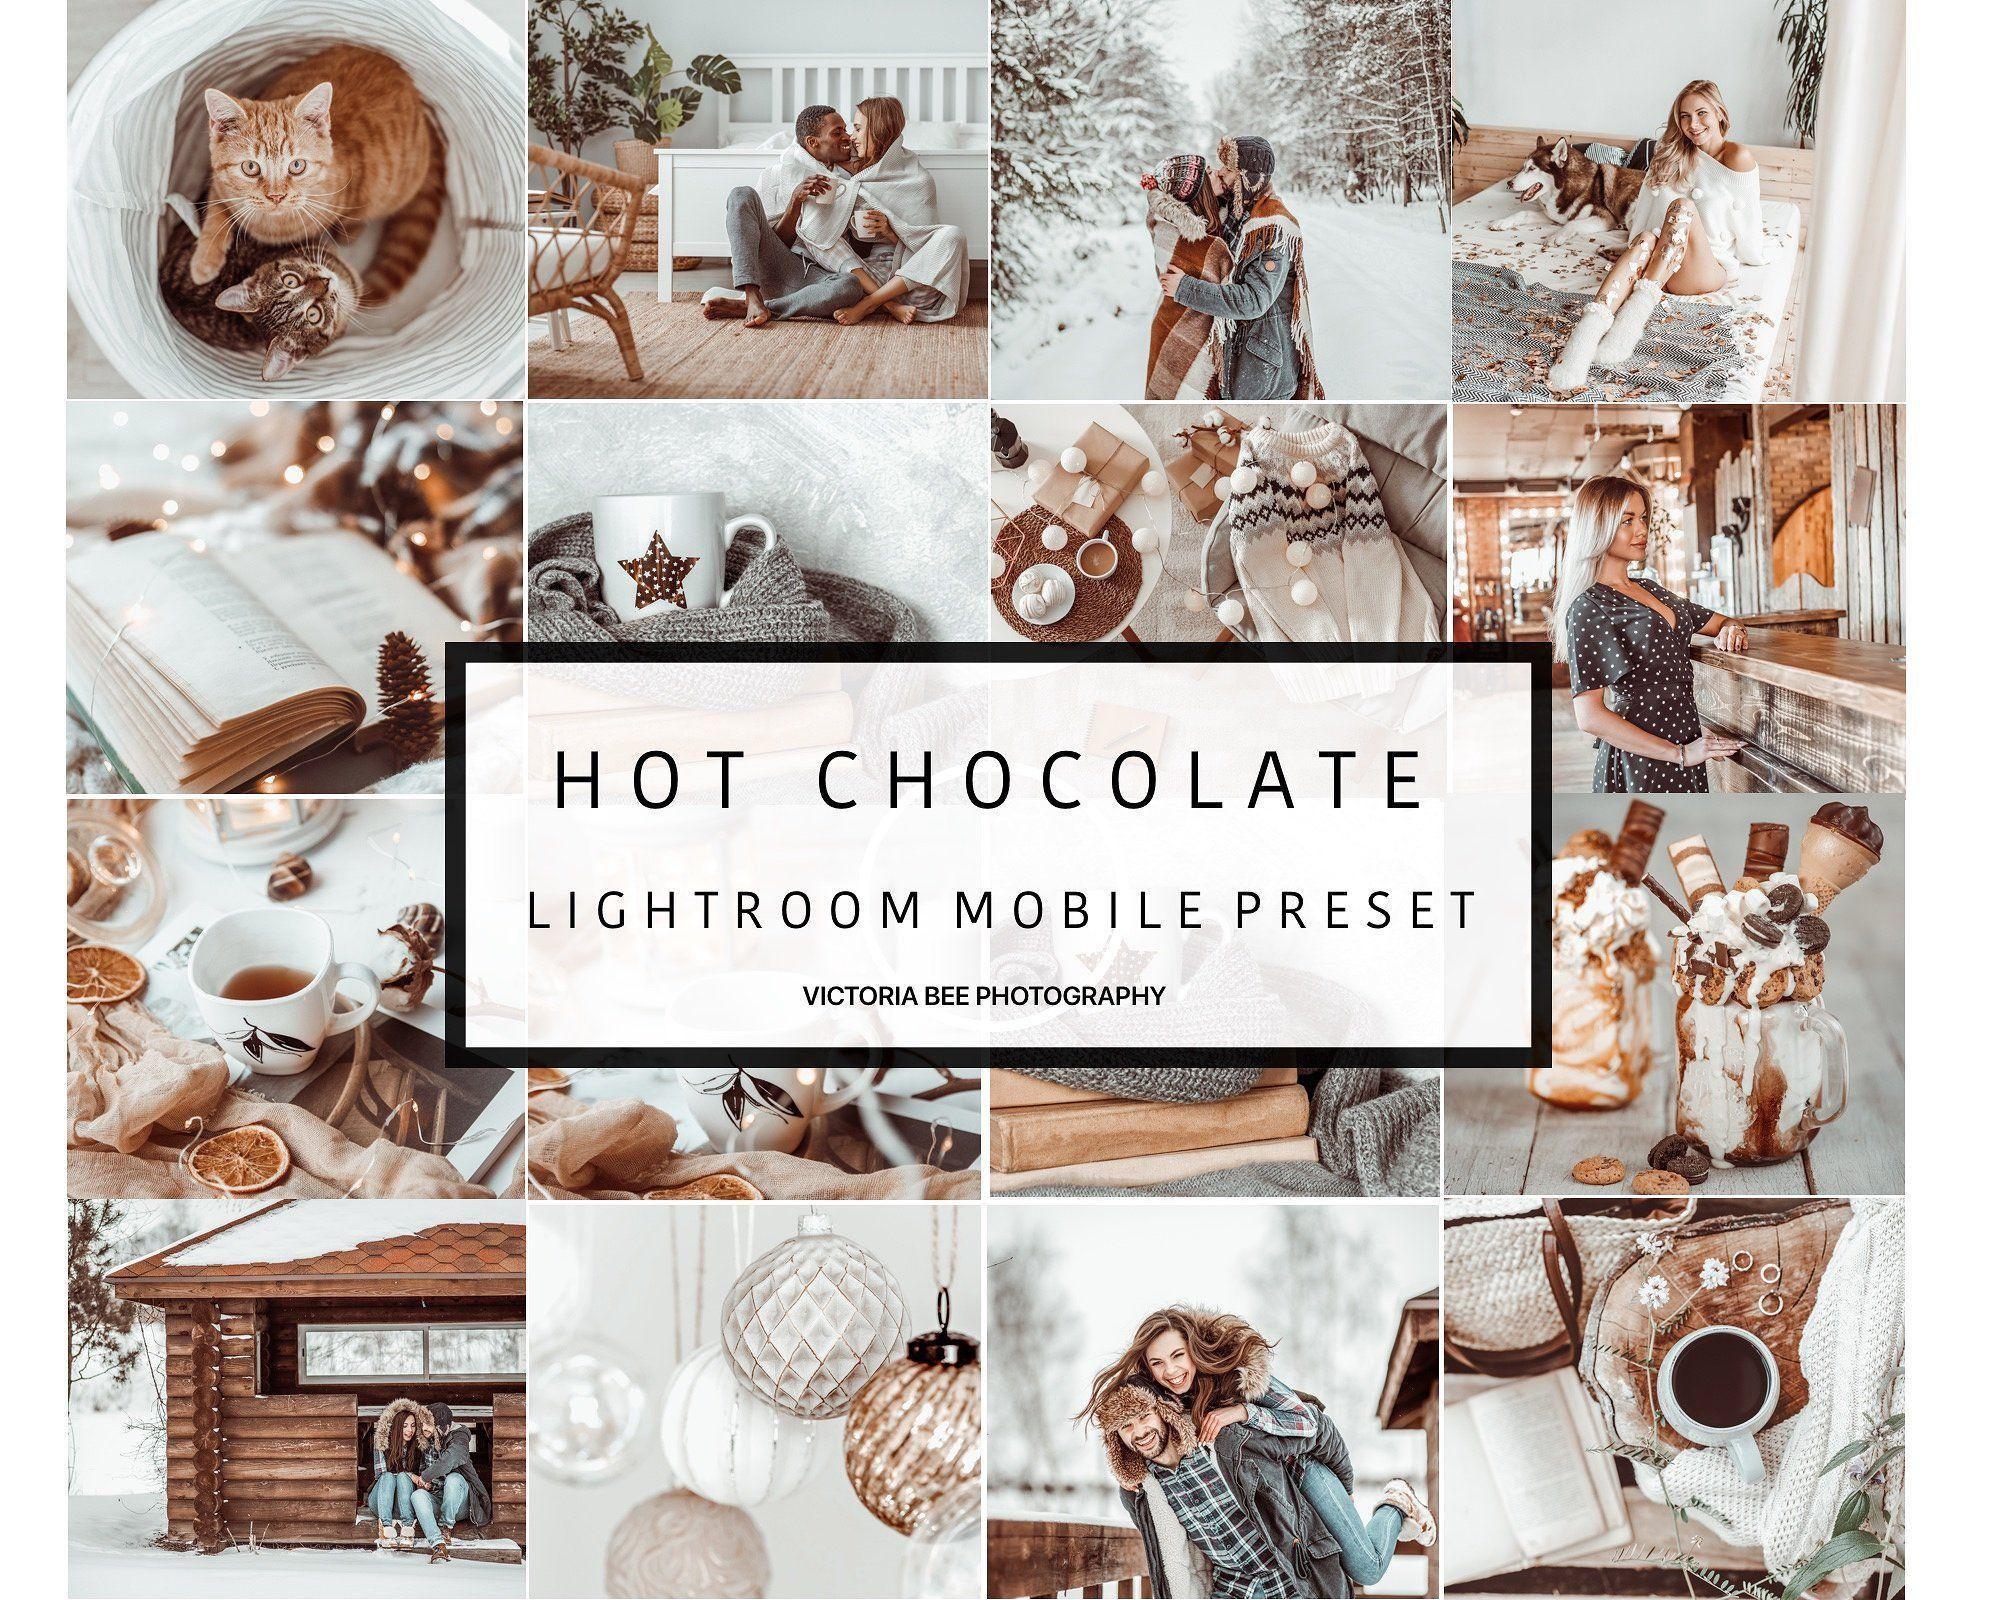 5 Mobile Preset Hot Chocolate Lightroom Presets Winter Presets Lightroom